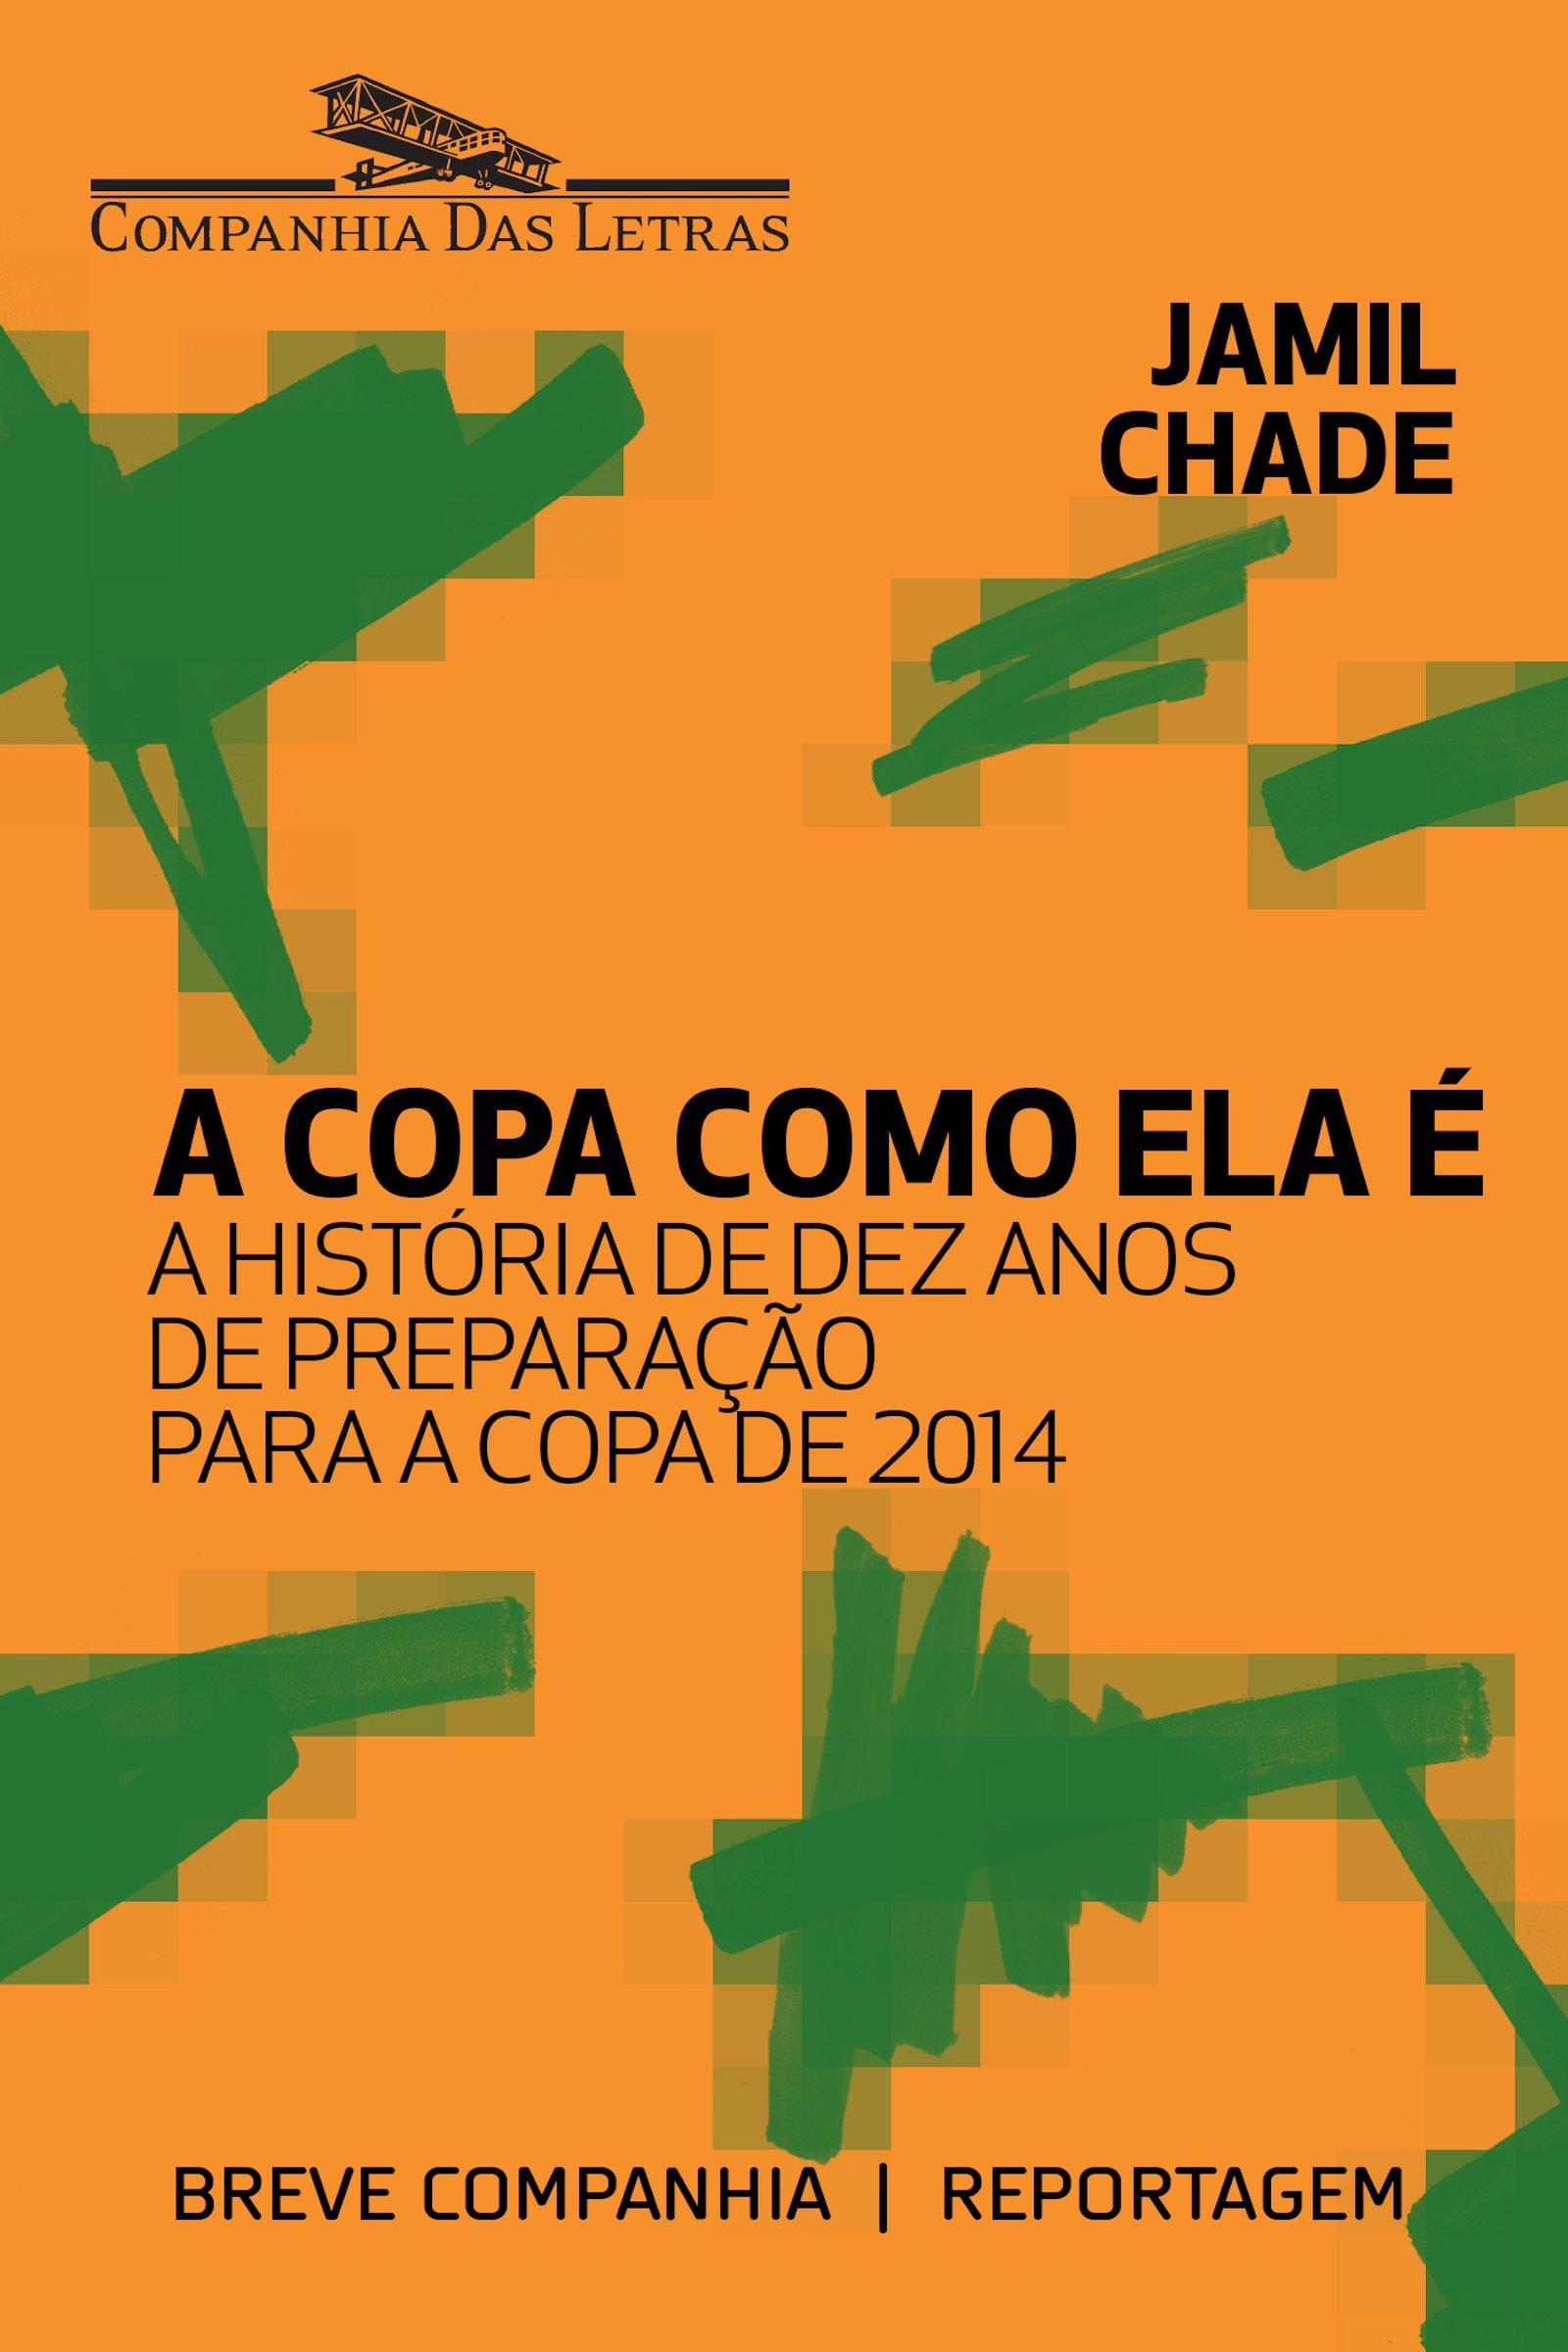 A Copa como ela é: A história de dez anos de preparação para a Copa de 2014 (Breve Companhia) Jamil Chade